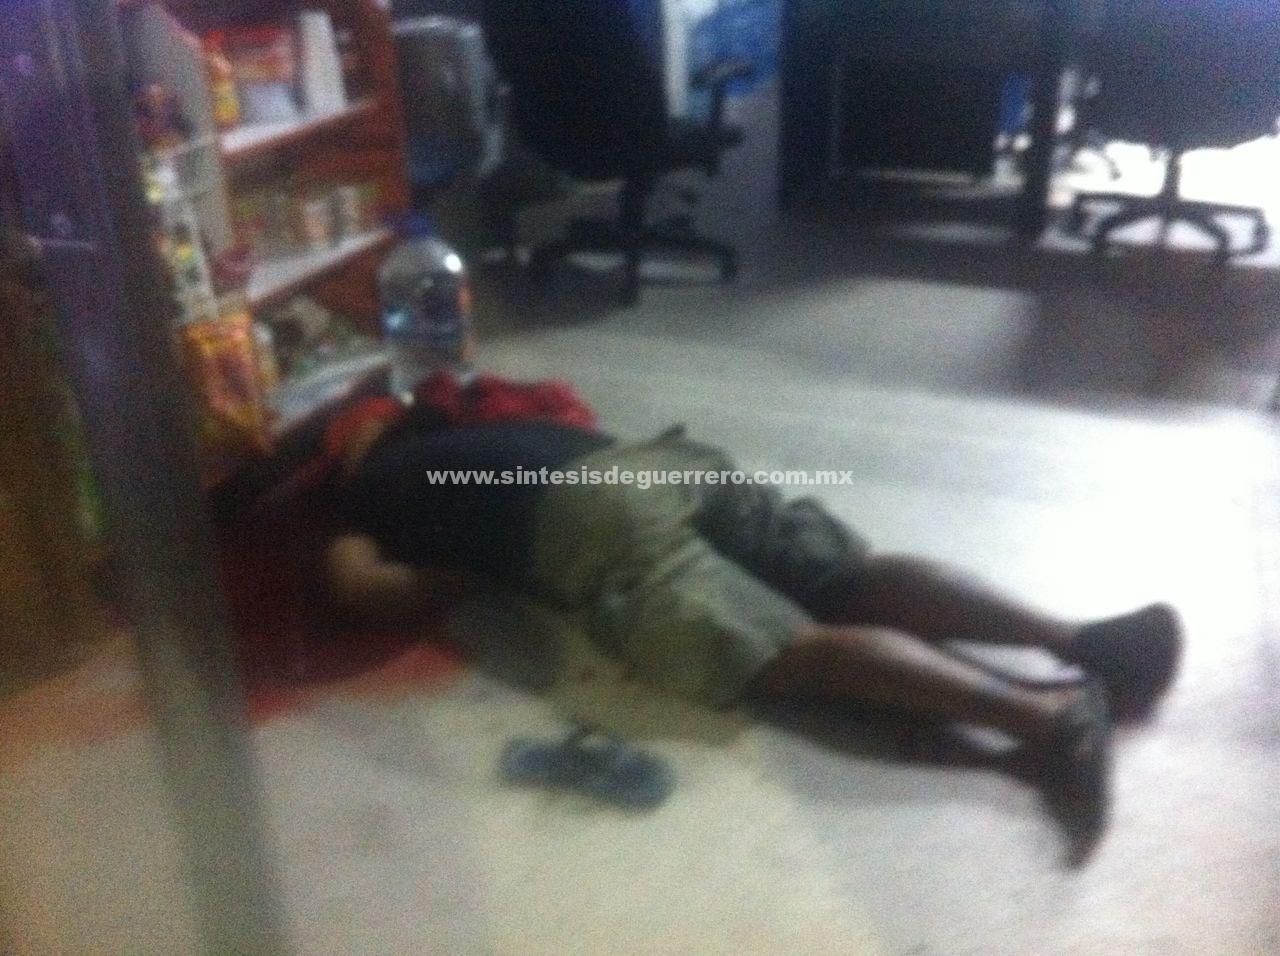 Asesinan a vendedor de discos piratas en pleno zócalo de Acapulco